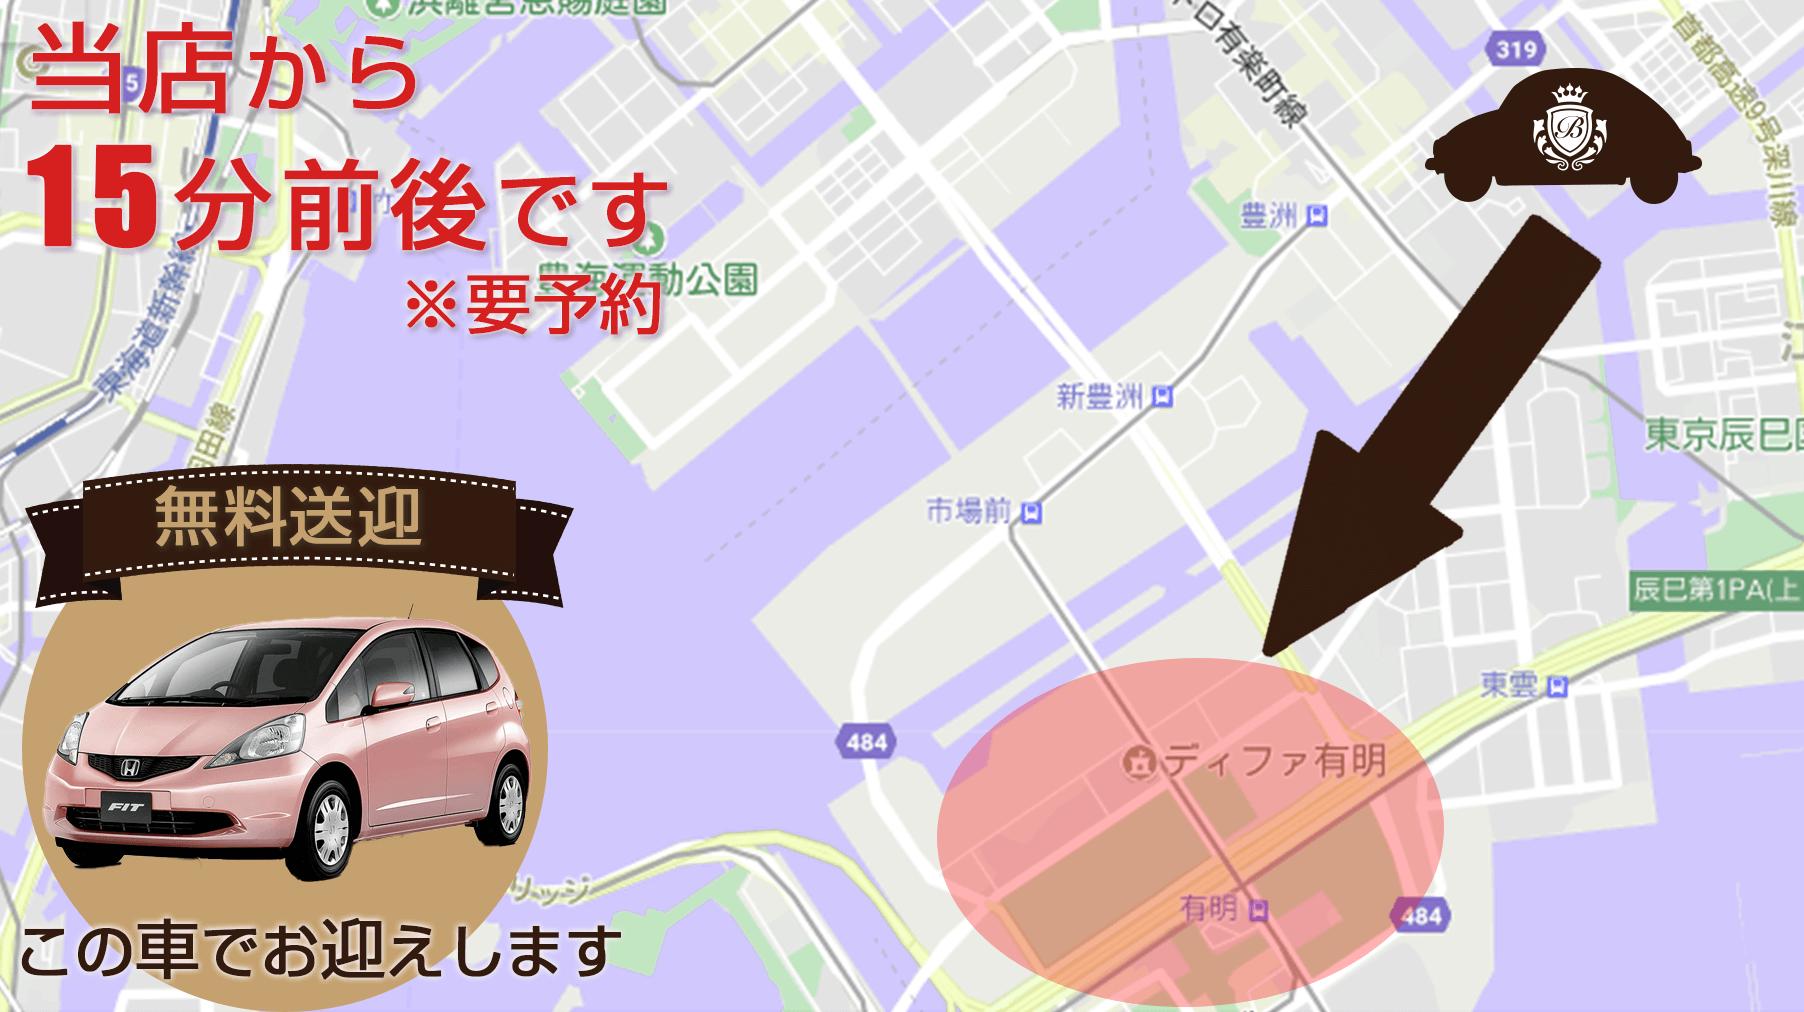 無料送迎地域【有明エリア】